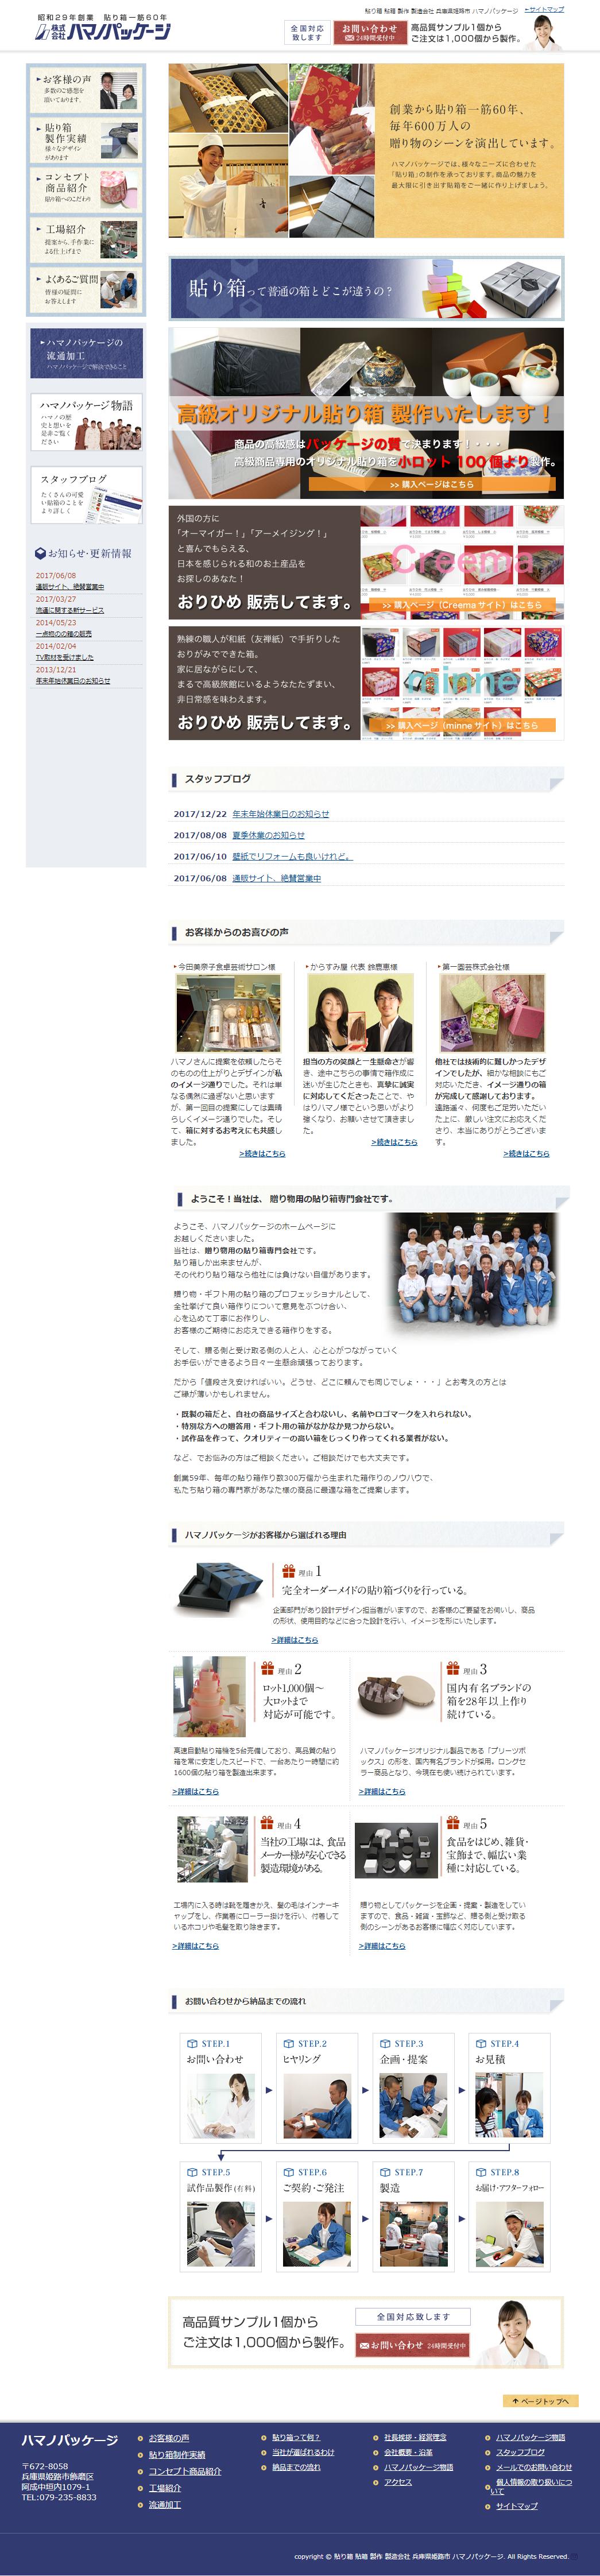 姫路市 株式会社ハマノパッケージ様 ホームページ制作1